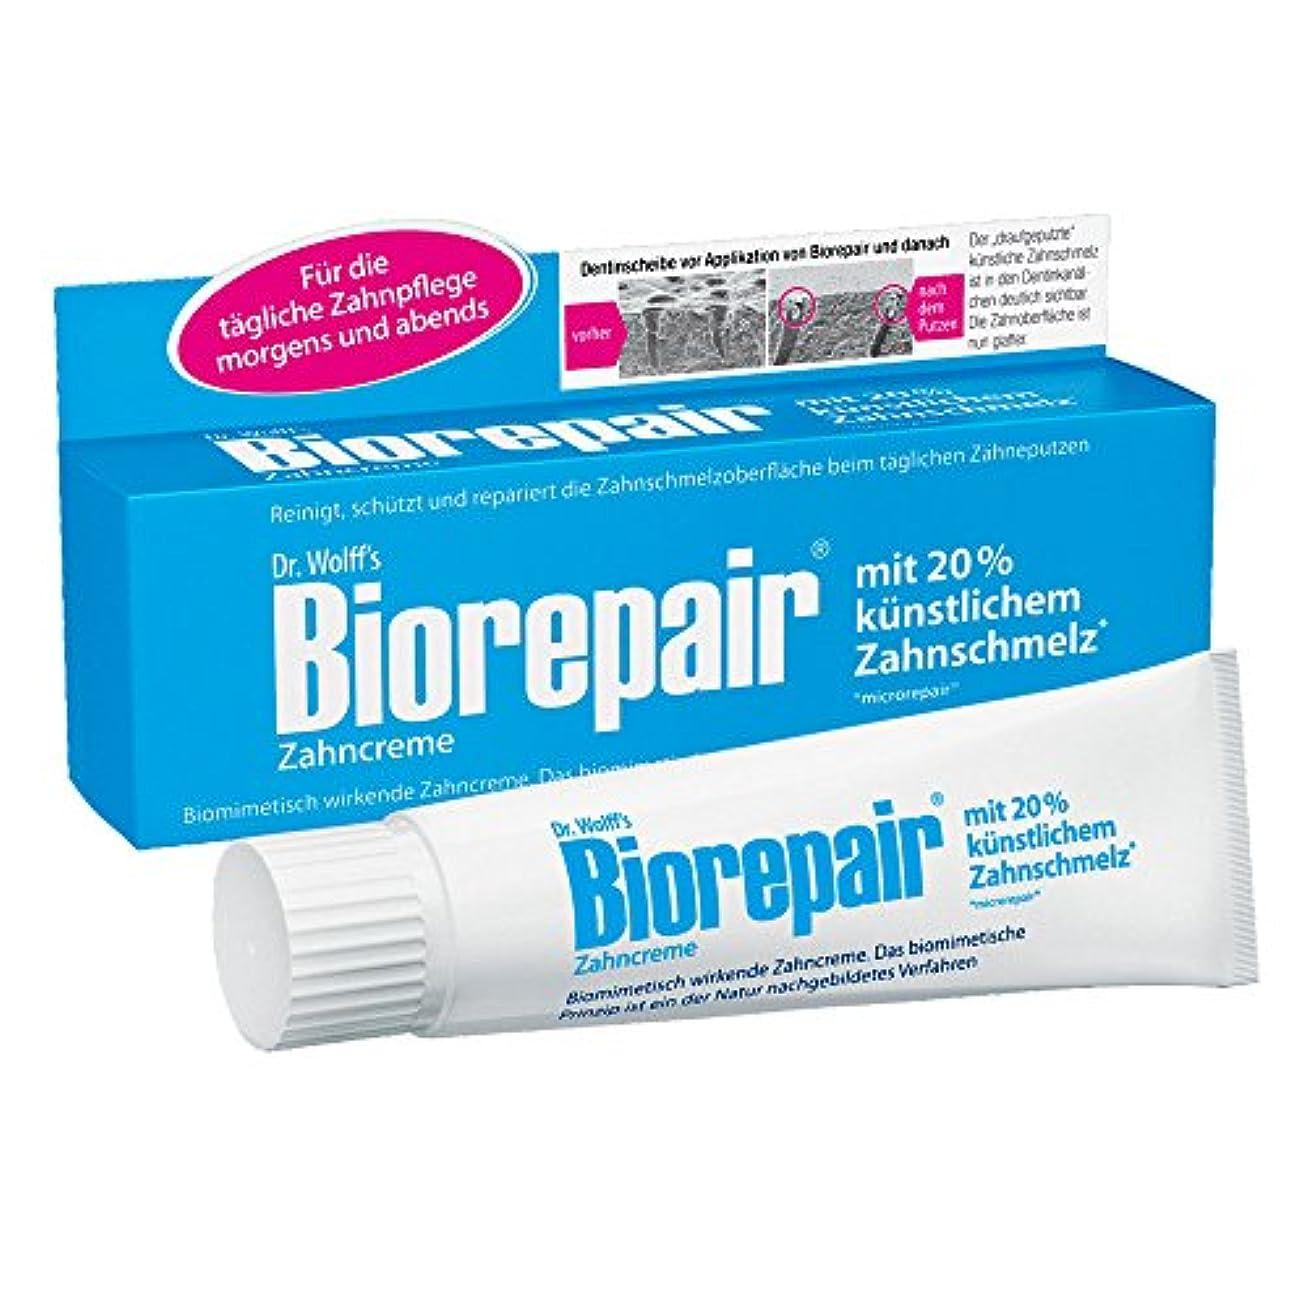 モードリンエンジニア会社Biorepair 歯磨き粉オリジナル、75ml(1pack) 歯の保護 耐摩耗性 1pack [並行輸入品]